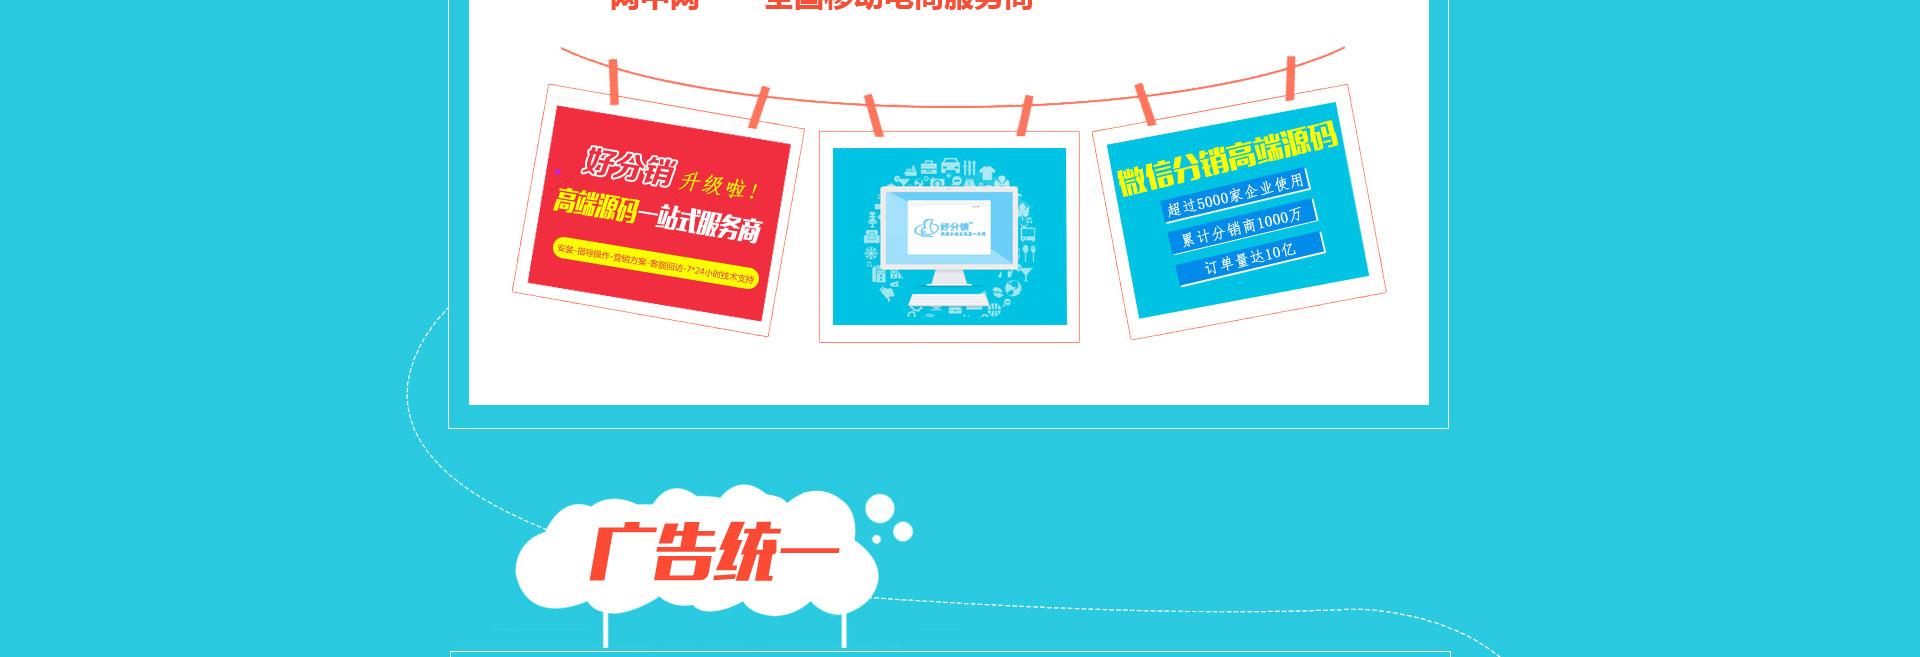 微信分销源码_网中网